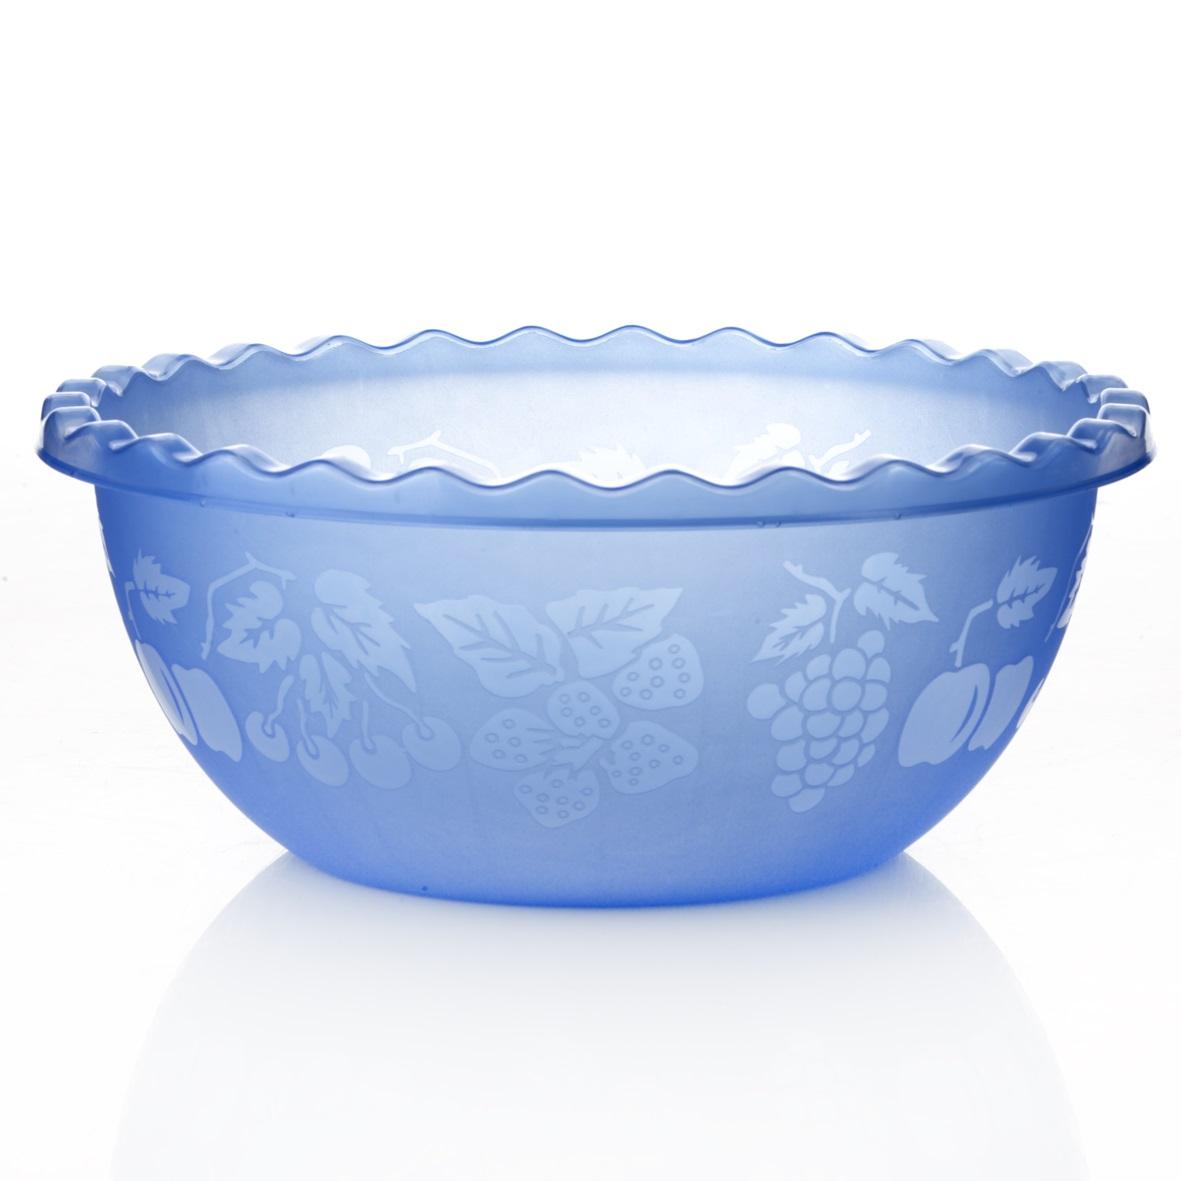 Миска Dunya Plastik, цвет: синий, 3,5 л10501Миска Dunya Plastik изготовлена из прозрачного пластика, имеет круглую форму. Внешние стенки украшены изображением ягод и фруктов, кромка волнистые. Такая миска прекрасно подойдет для хранения овощей и фруктов, сервировки салатов и других продуктов. Объем: 3,5 л. Диаметр: 25 см. Высота стенки: 10,5 см.